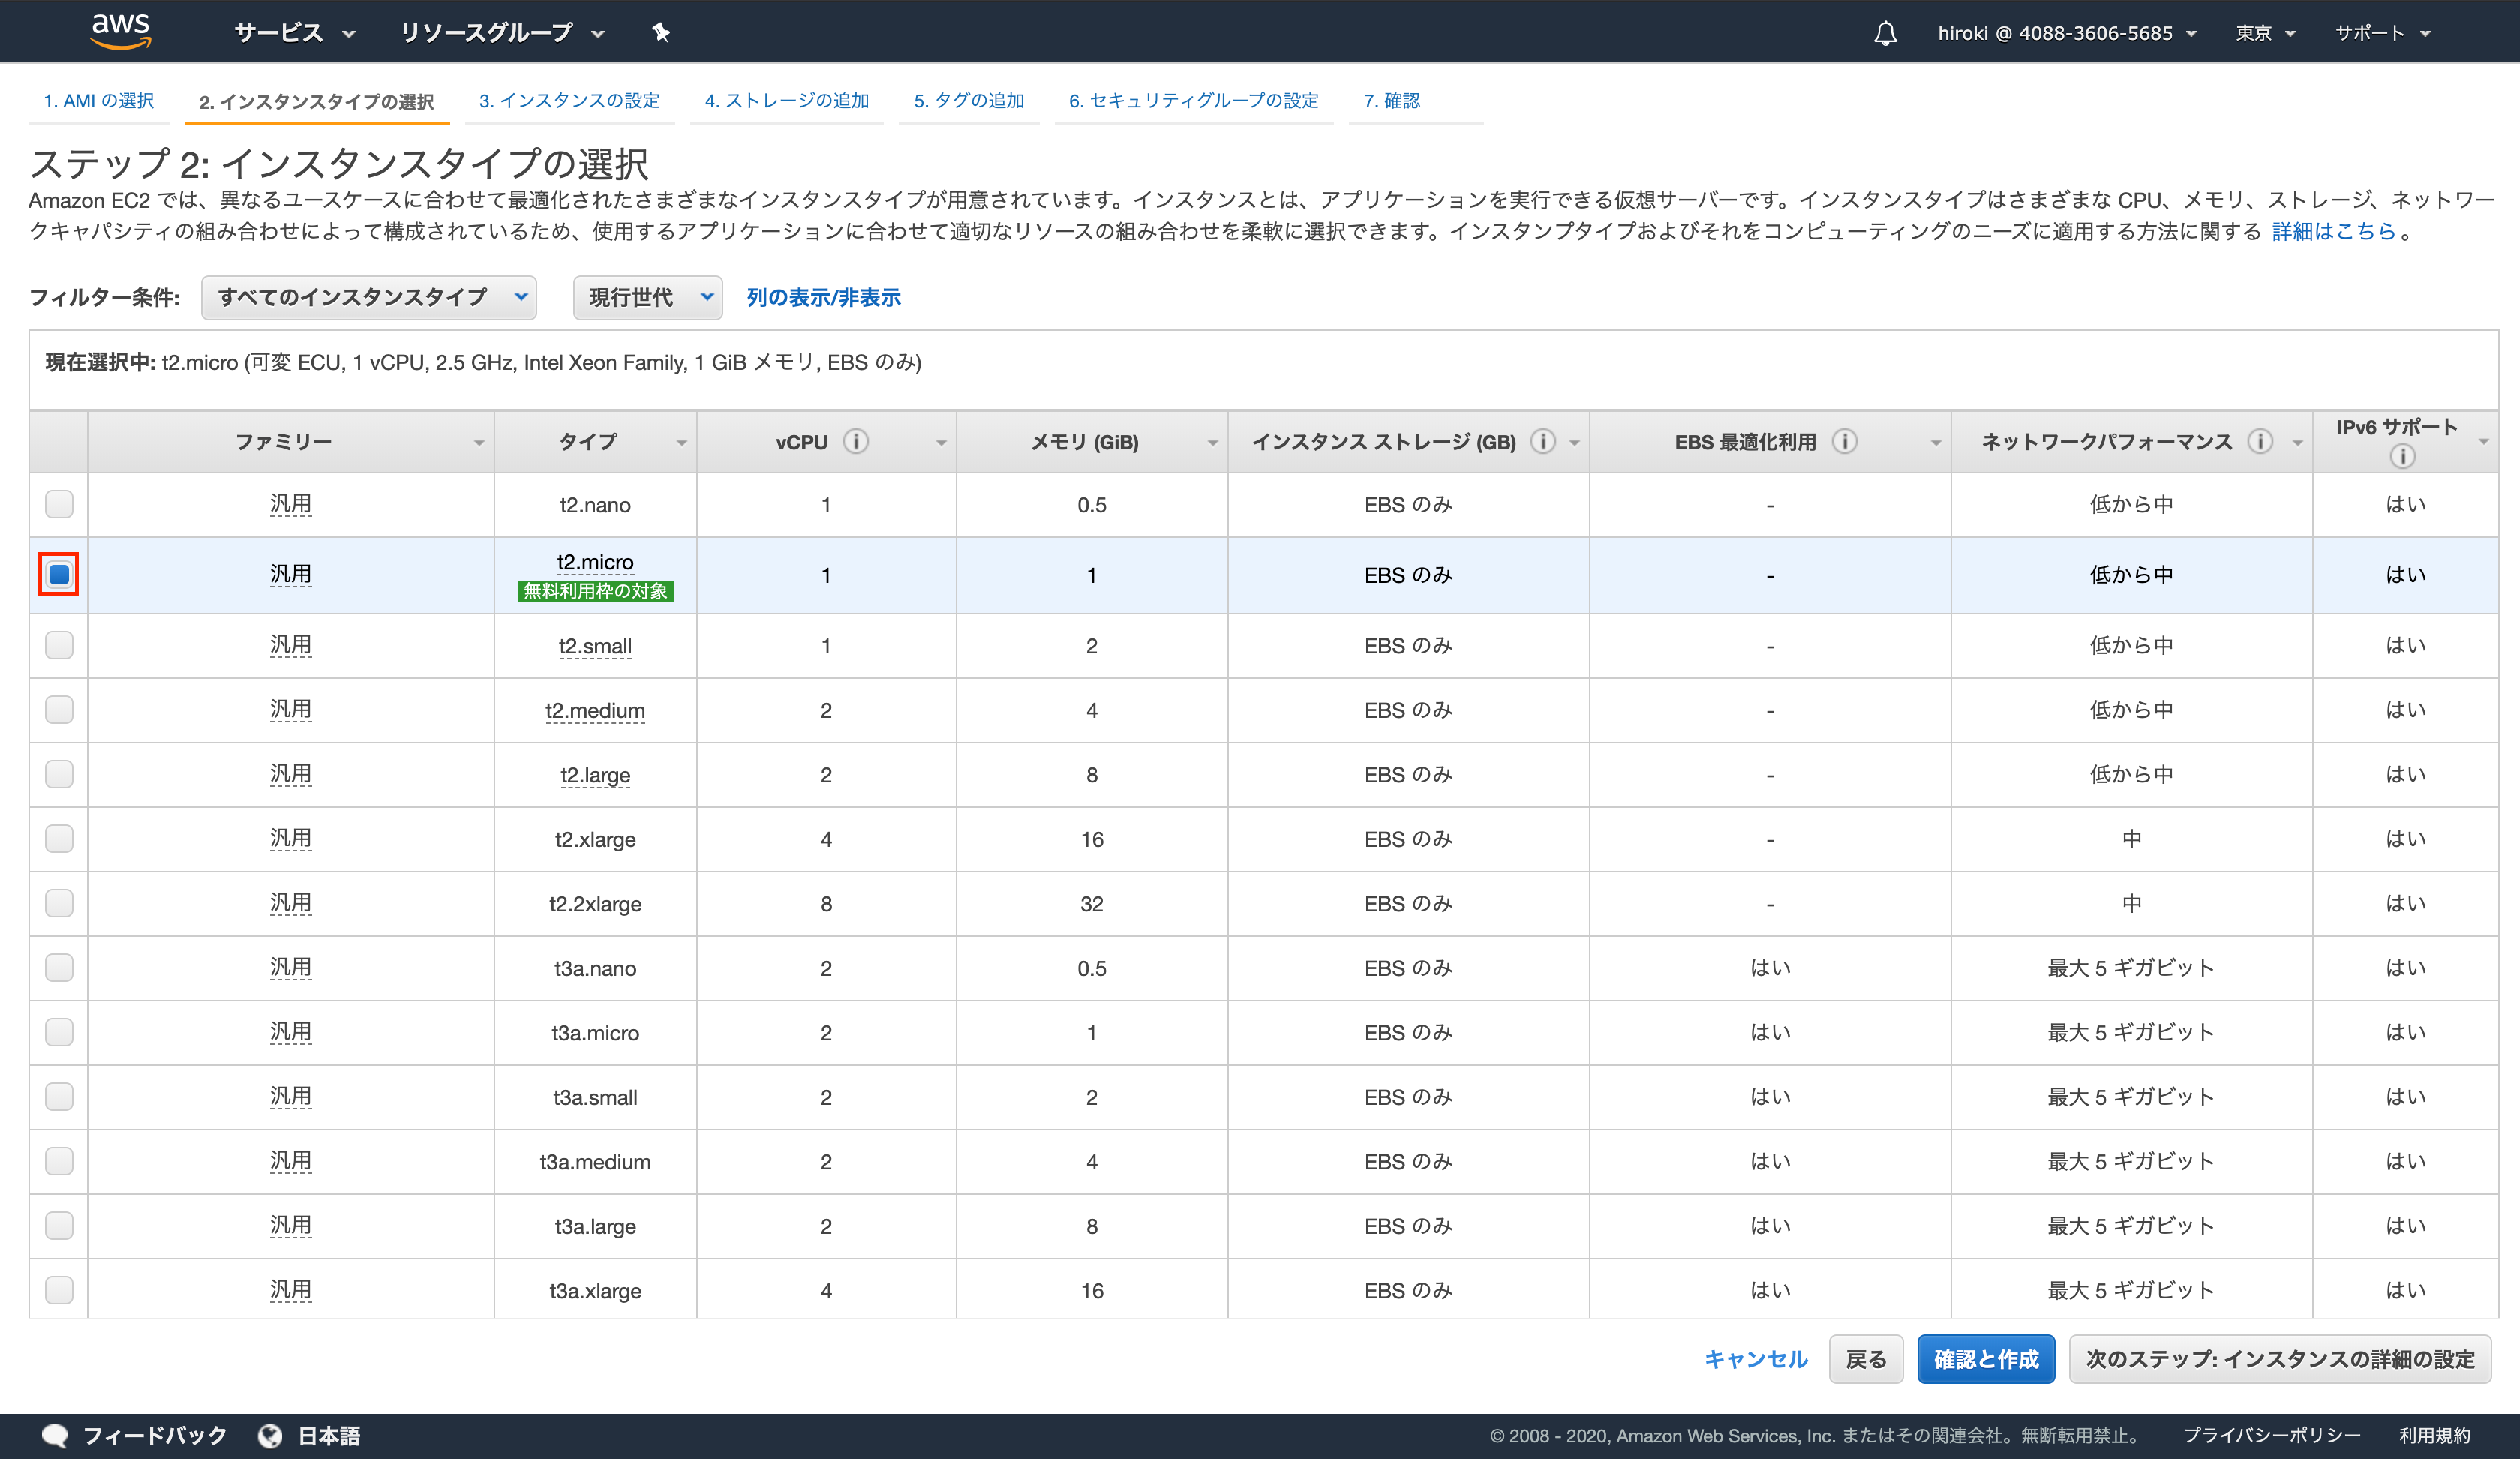 スクリーンショット 2020-01-17 20.09.53.png